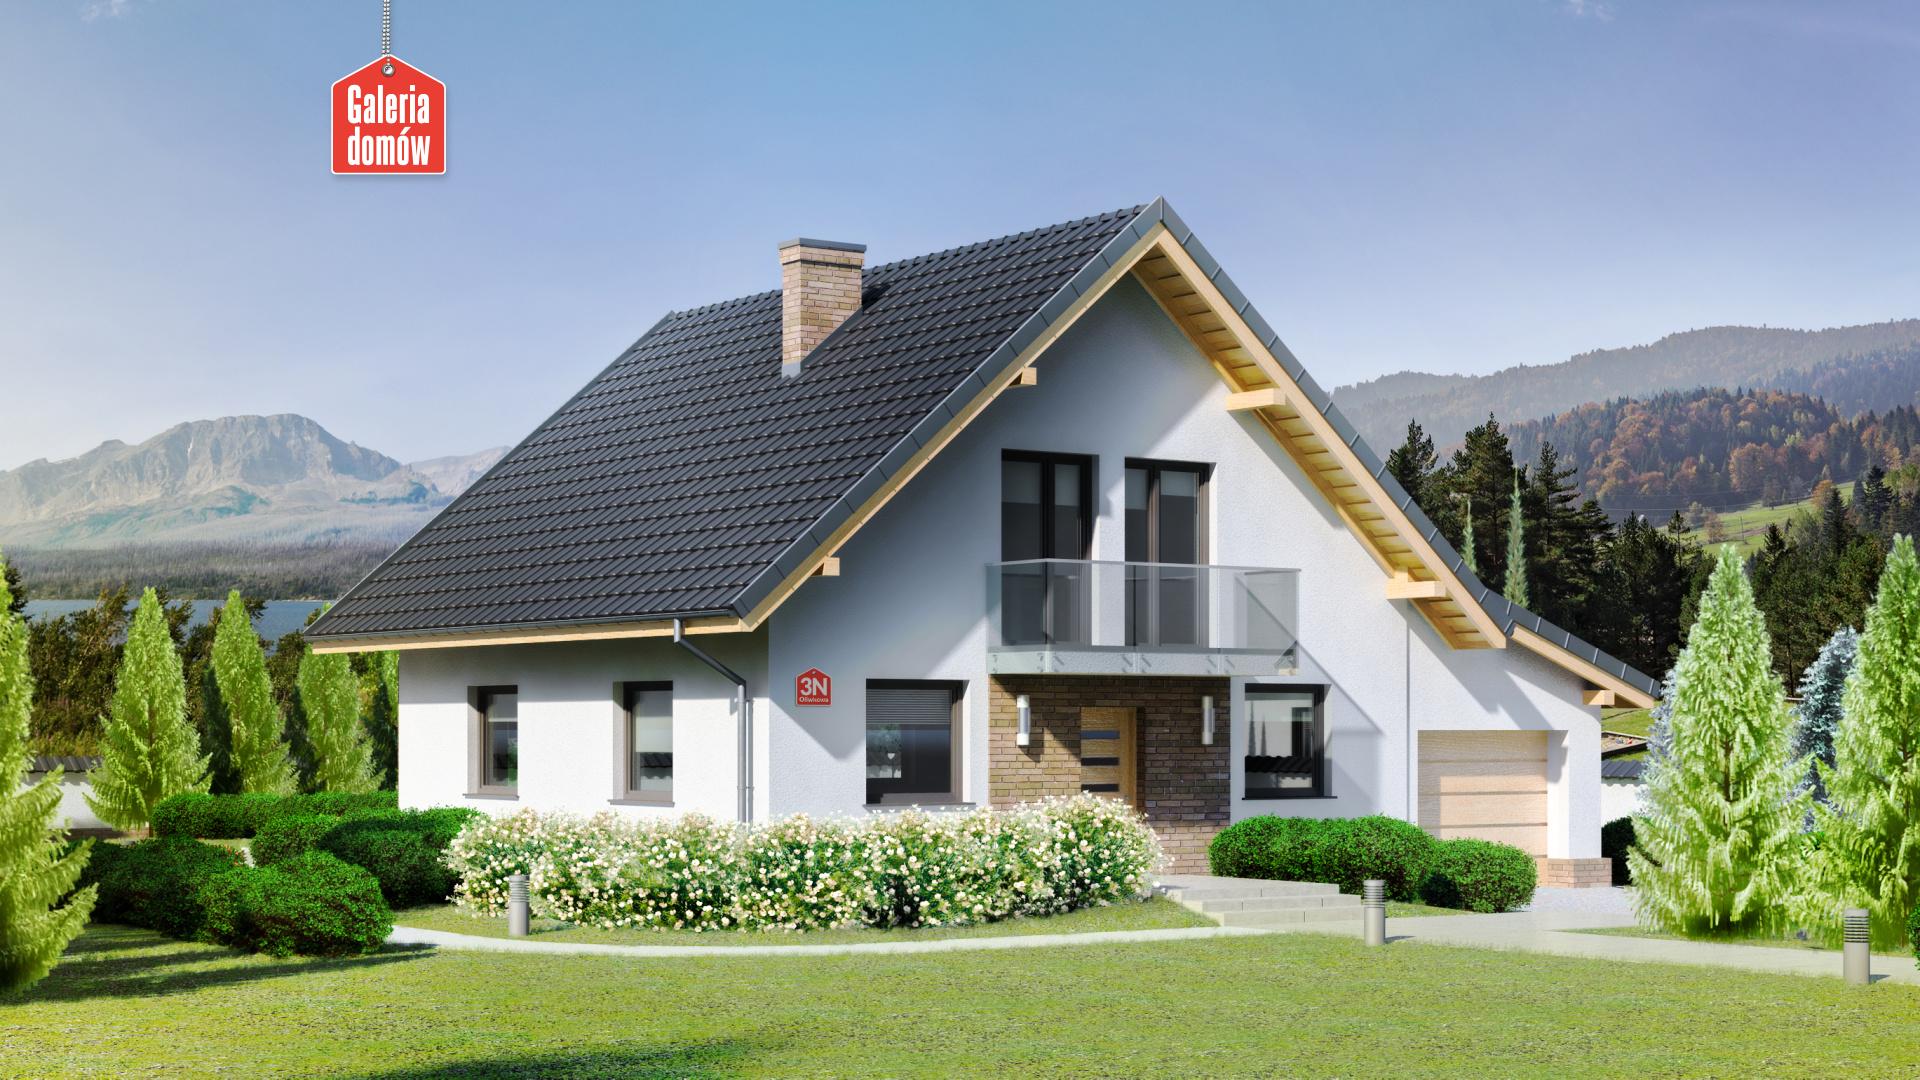 Dom przy Oliwkowej 3 N - zdjęcie projektu i wizualizacja